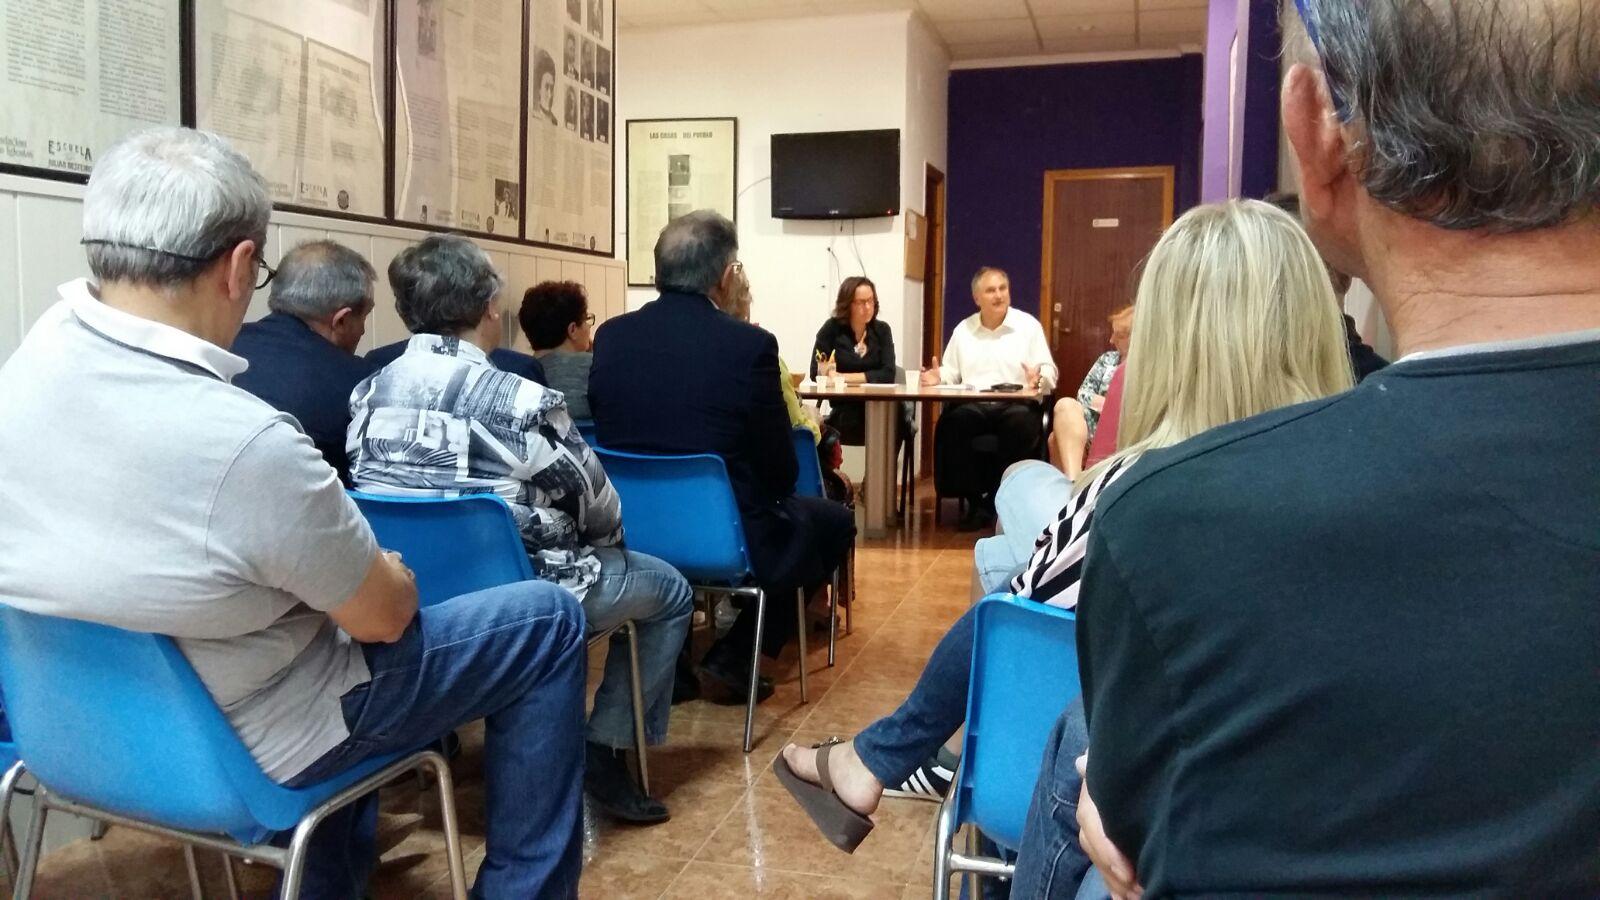 Asamblea ciudadana desarrollada en Llíria por el PSPV-PSOE para analizar el primer año de legislatura.